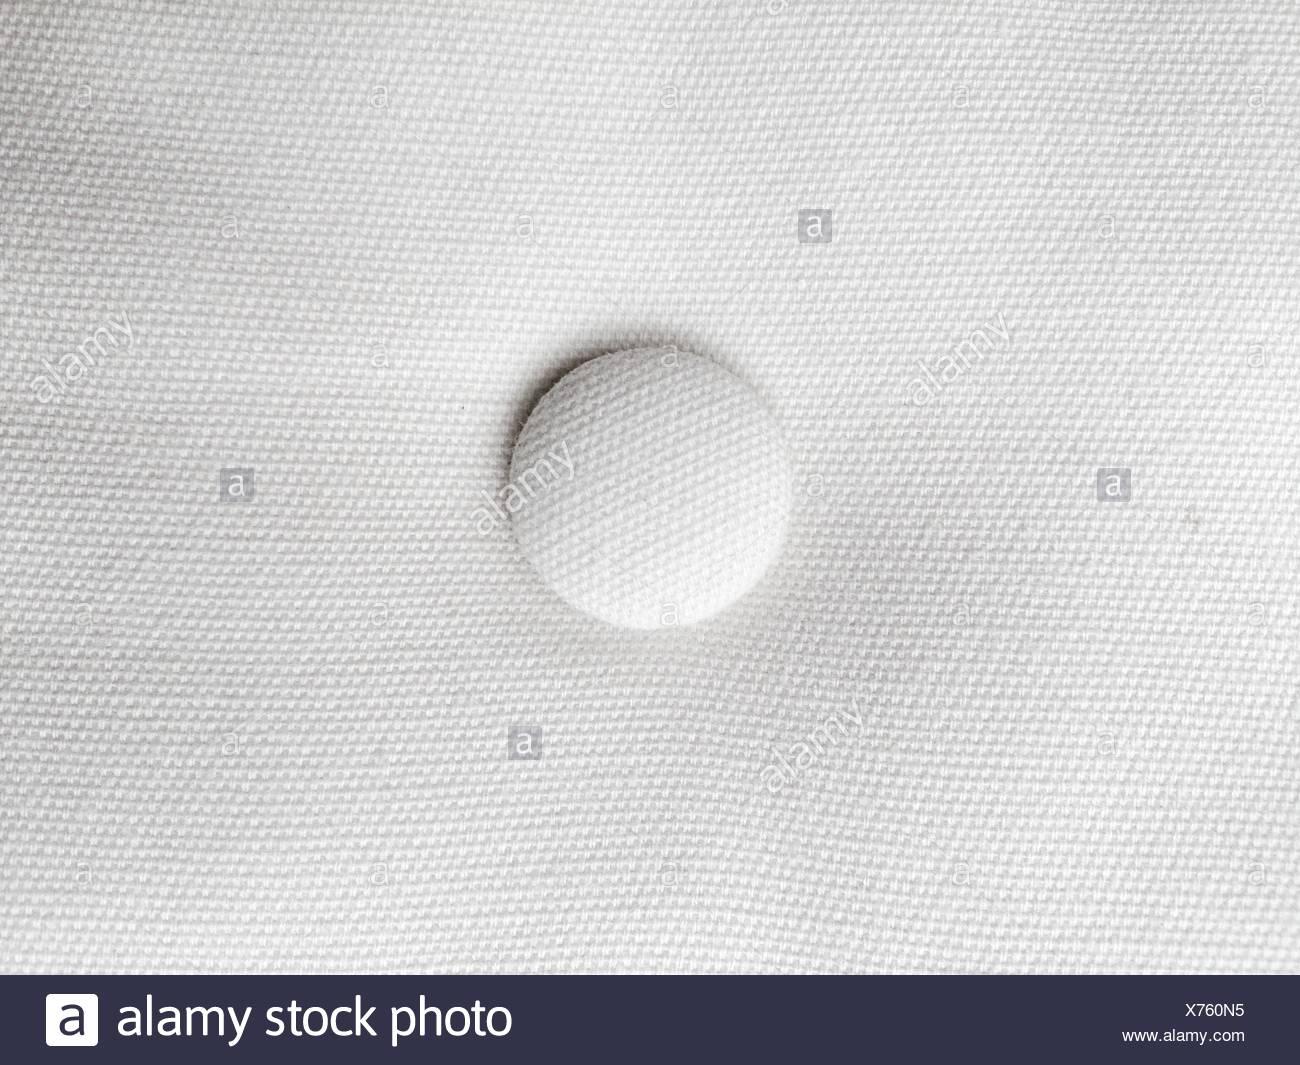 Bouton de portrait sur tissu blanc Photo Stock